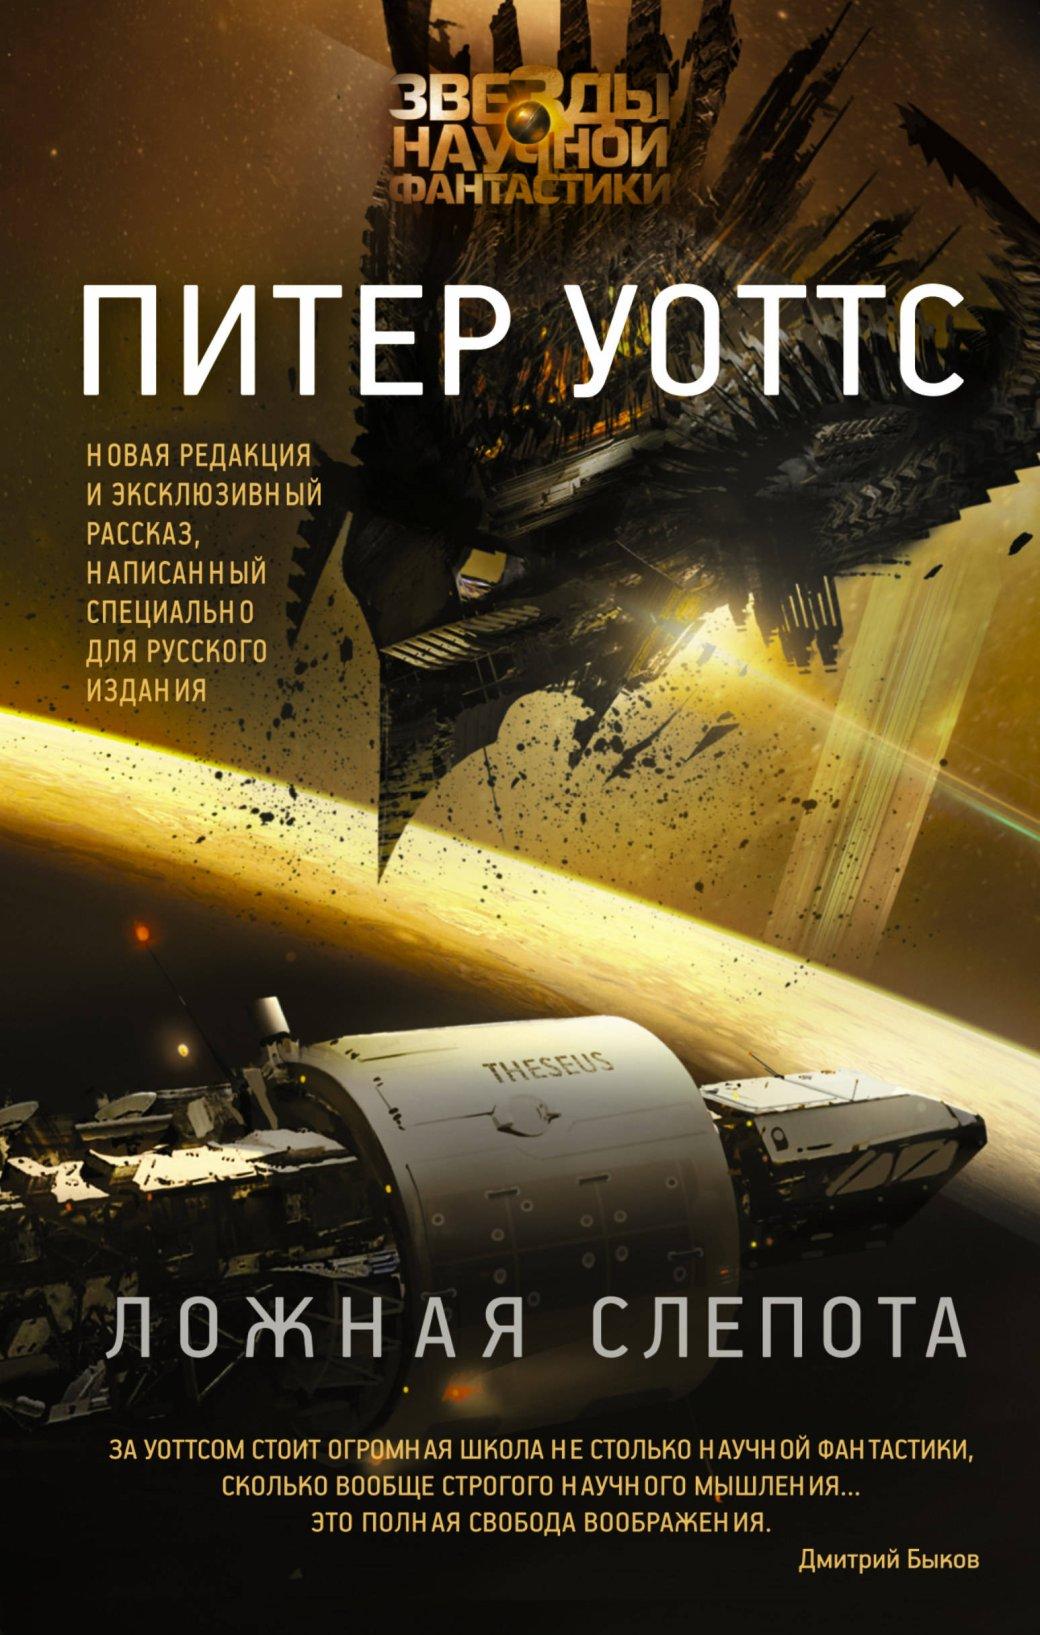 Книги, которые доказывают, что научная фантастика жива | Канобу - Изображение 275